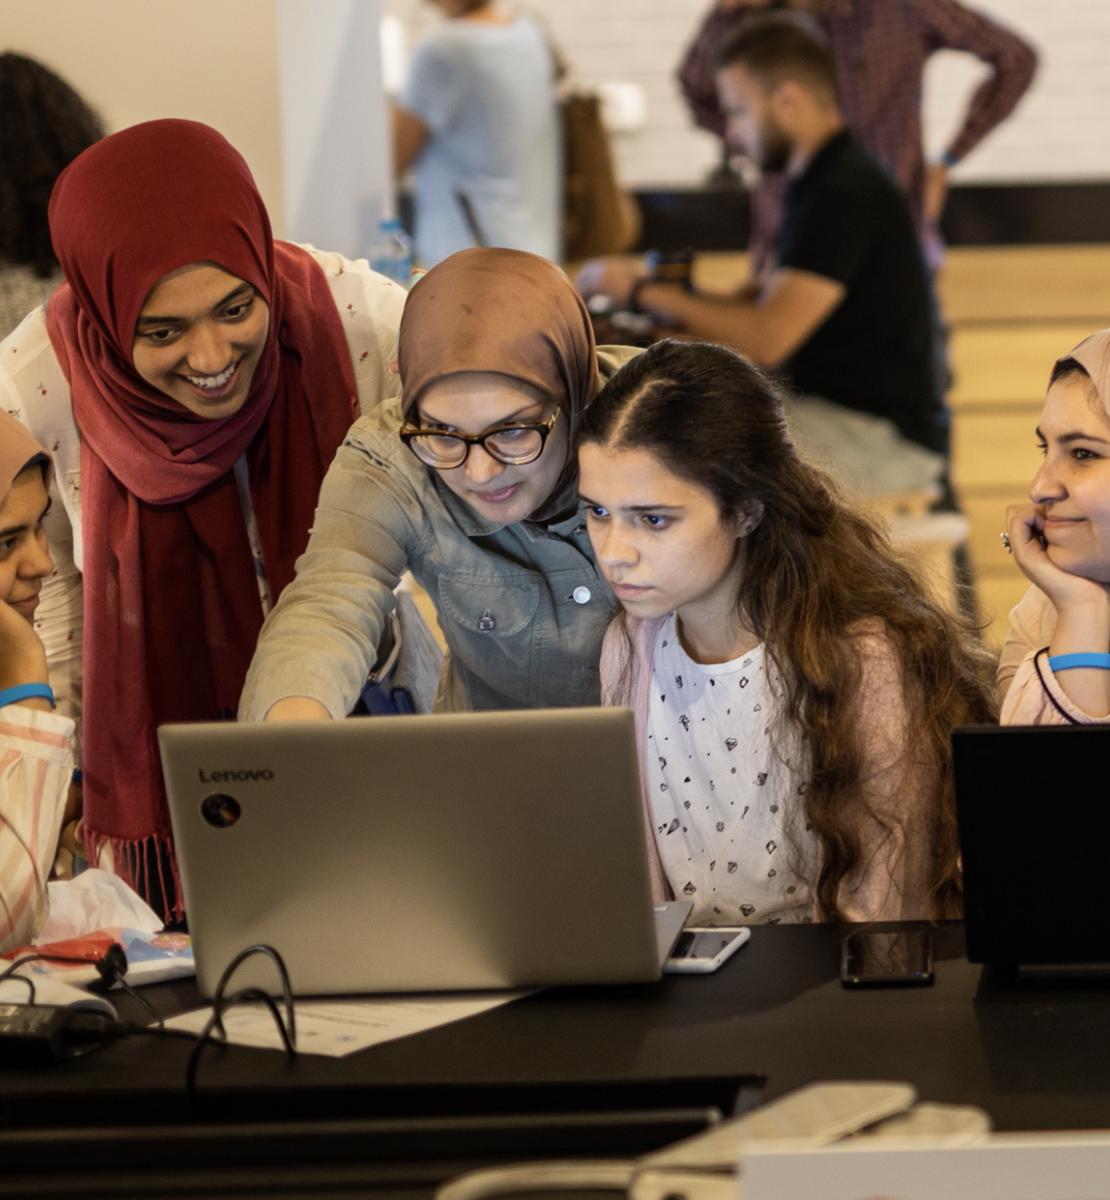 تنظر 5 فتيات إلى حاسوب محمول وسط مجموعة من الأشخاص.